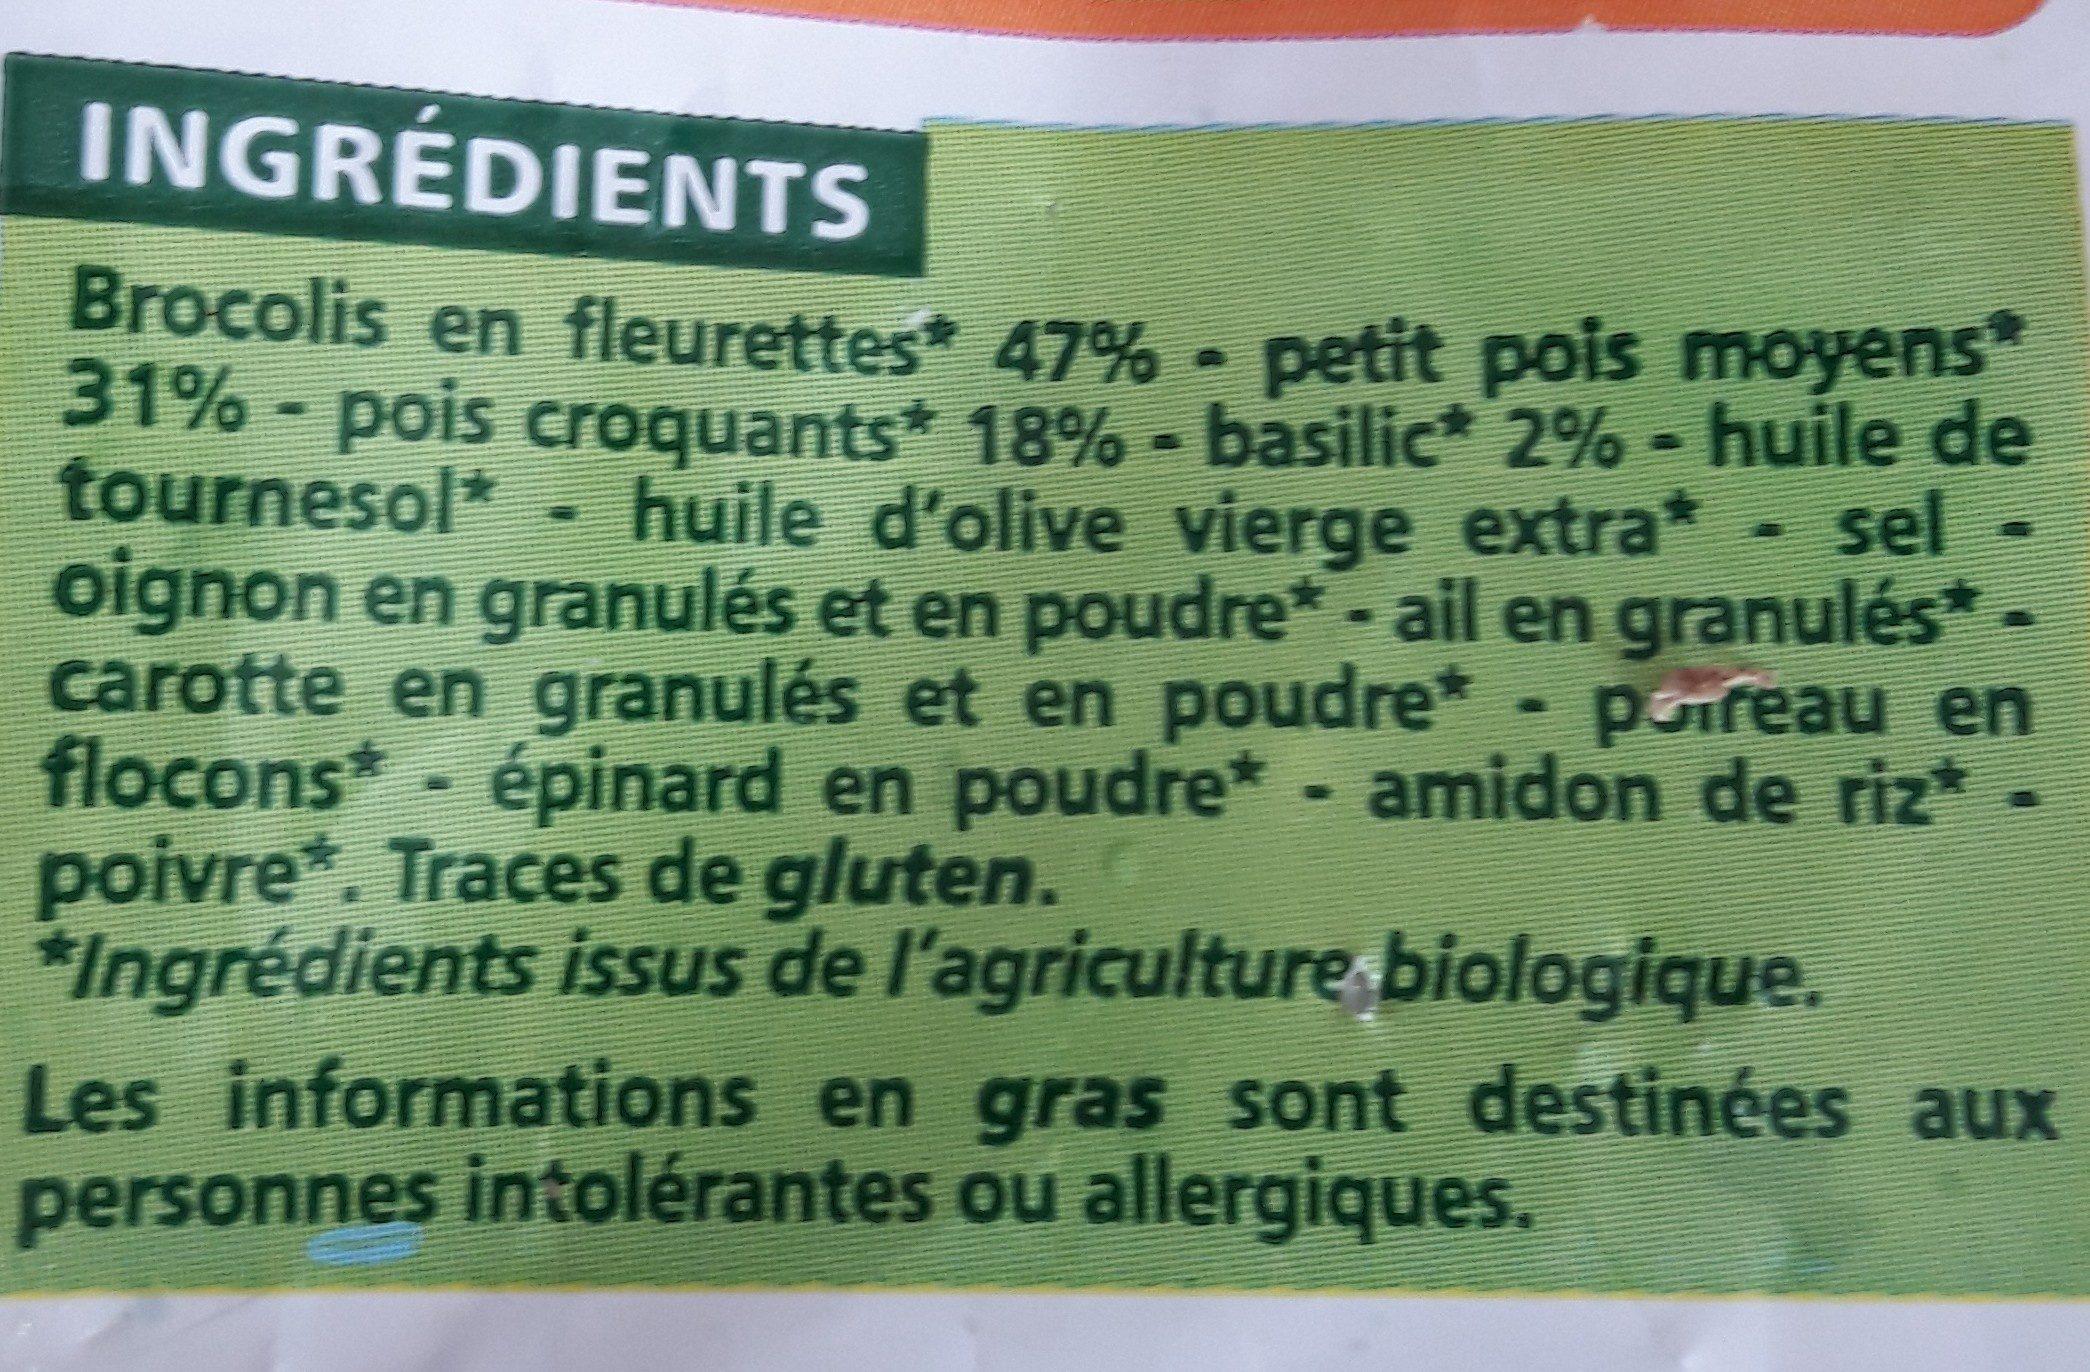 Mélange de légumes verts Bio - Brocolis, petits pois, pois croquants - Ingrediënten